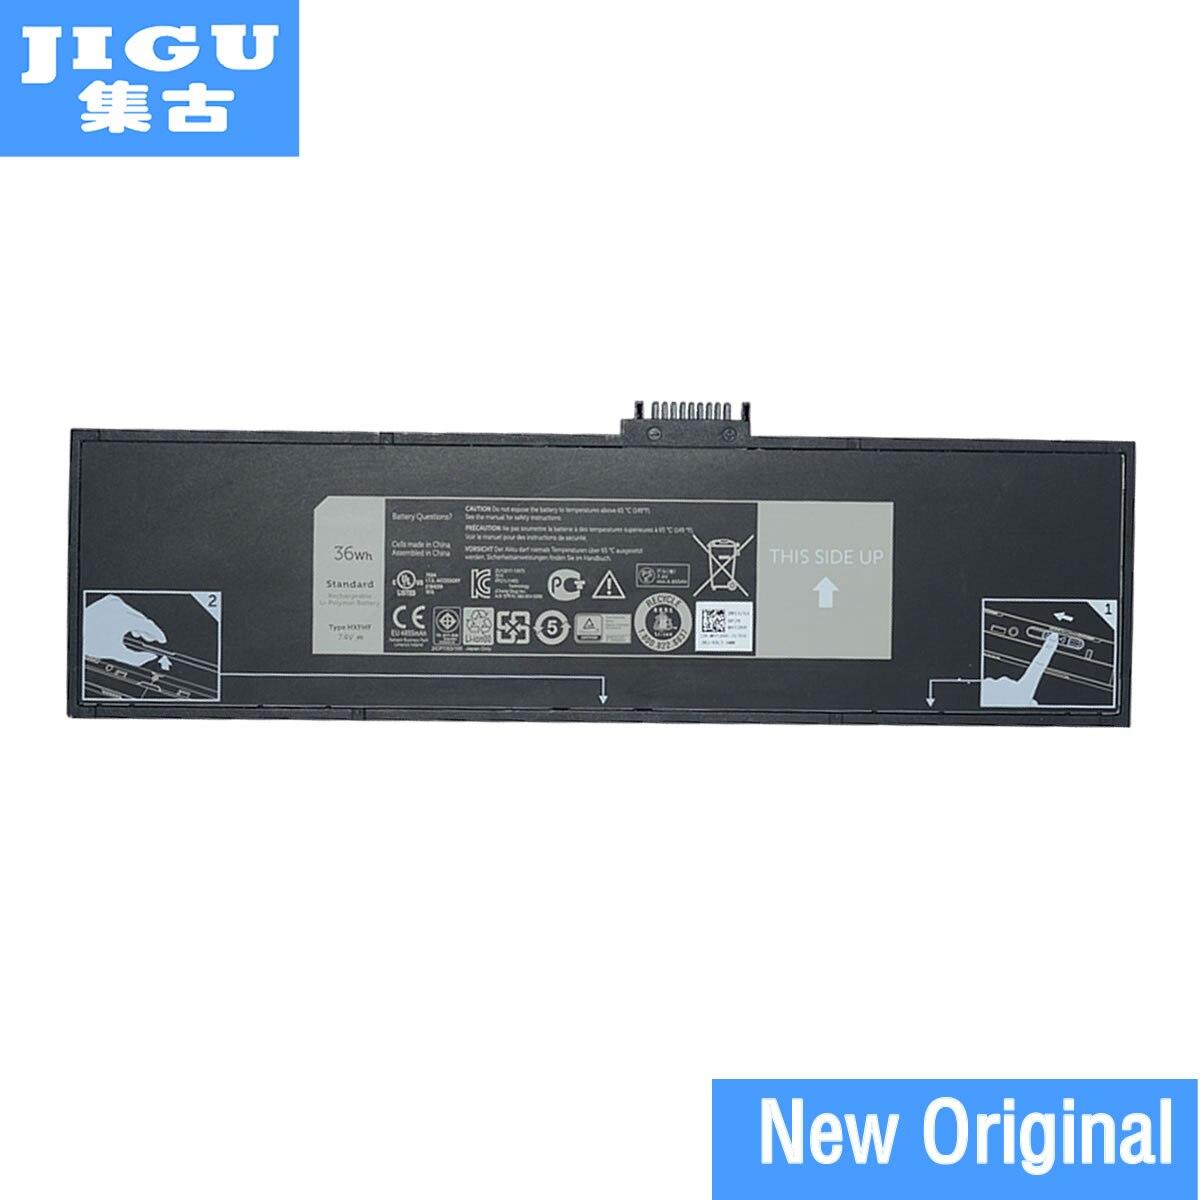 Оригинальный аккумулятор для ноутбука JIGU HXFHF для DELL Venue 11 Pro (7130) 11 Pro (7139) 11 Pro 7310